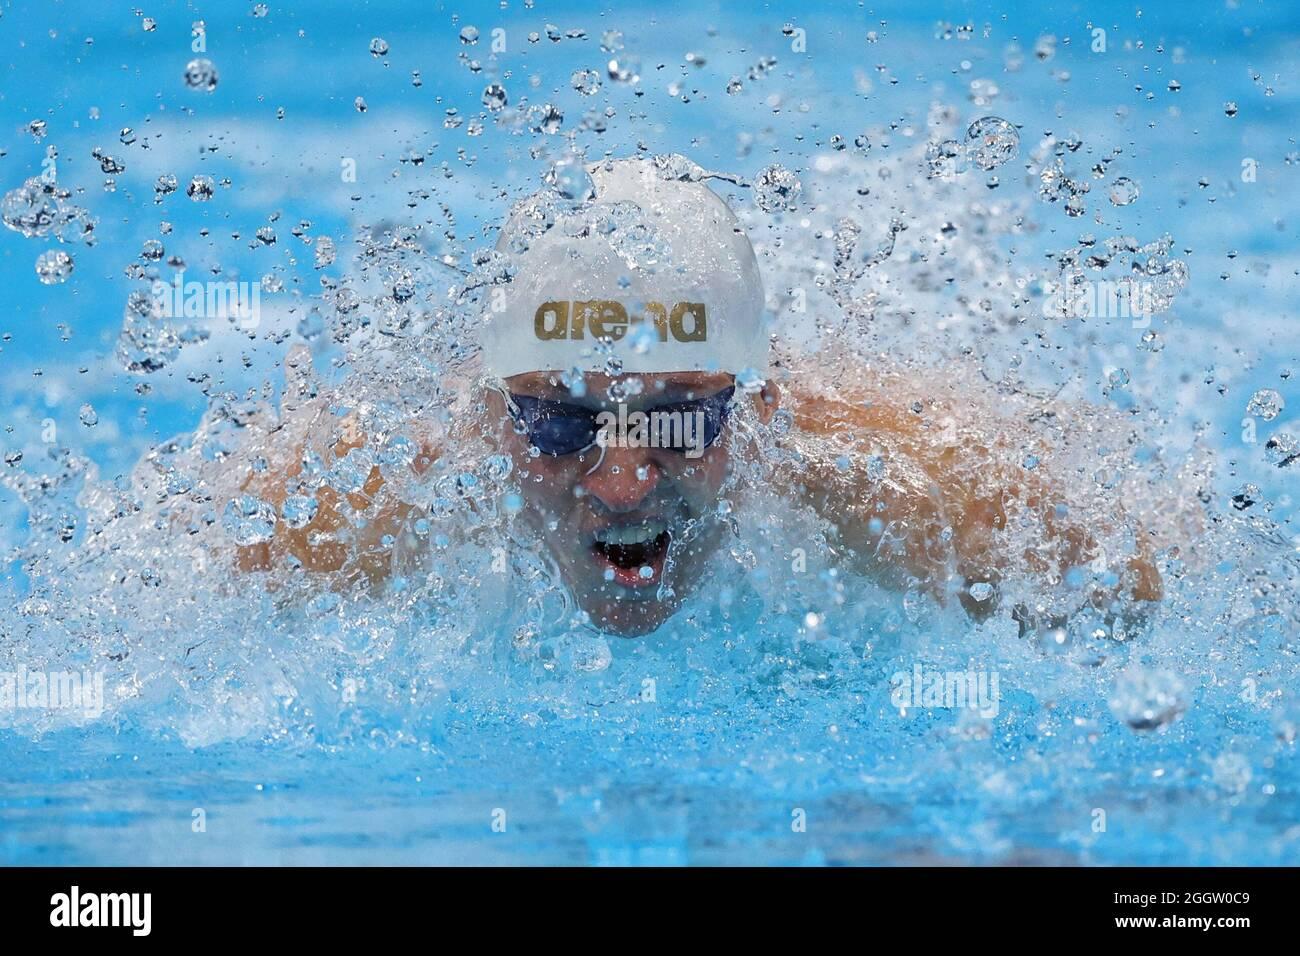 Paralympische Spiele 2020 in Tokio - Schwimmen - 100 m Schmetterling der Männer - S12-Finale - Tokyo Aquatics Center, Tokio, Japan - 3. September 2021. Raman Salei aus Aserbaidschan im Einsatz REUTERS/Kim Kyung-Hoon Stockfoto